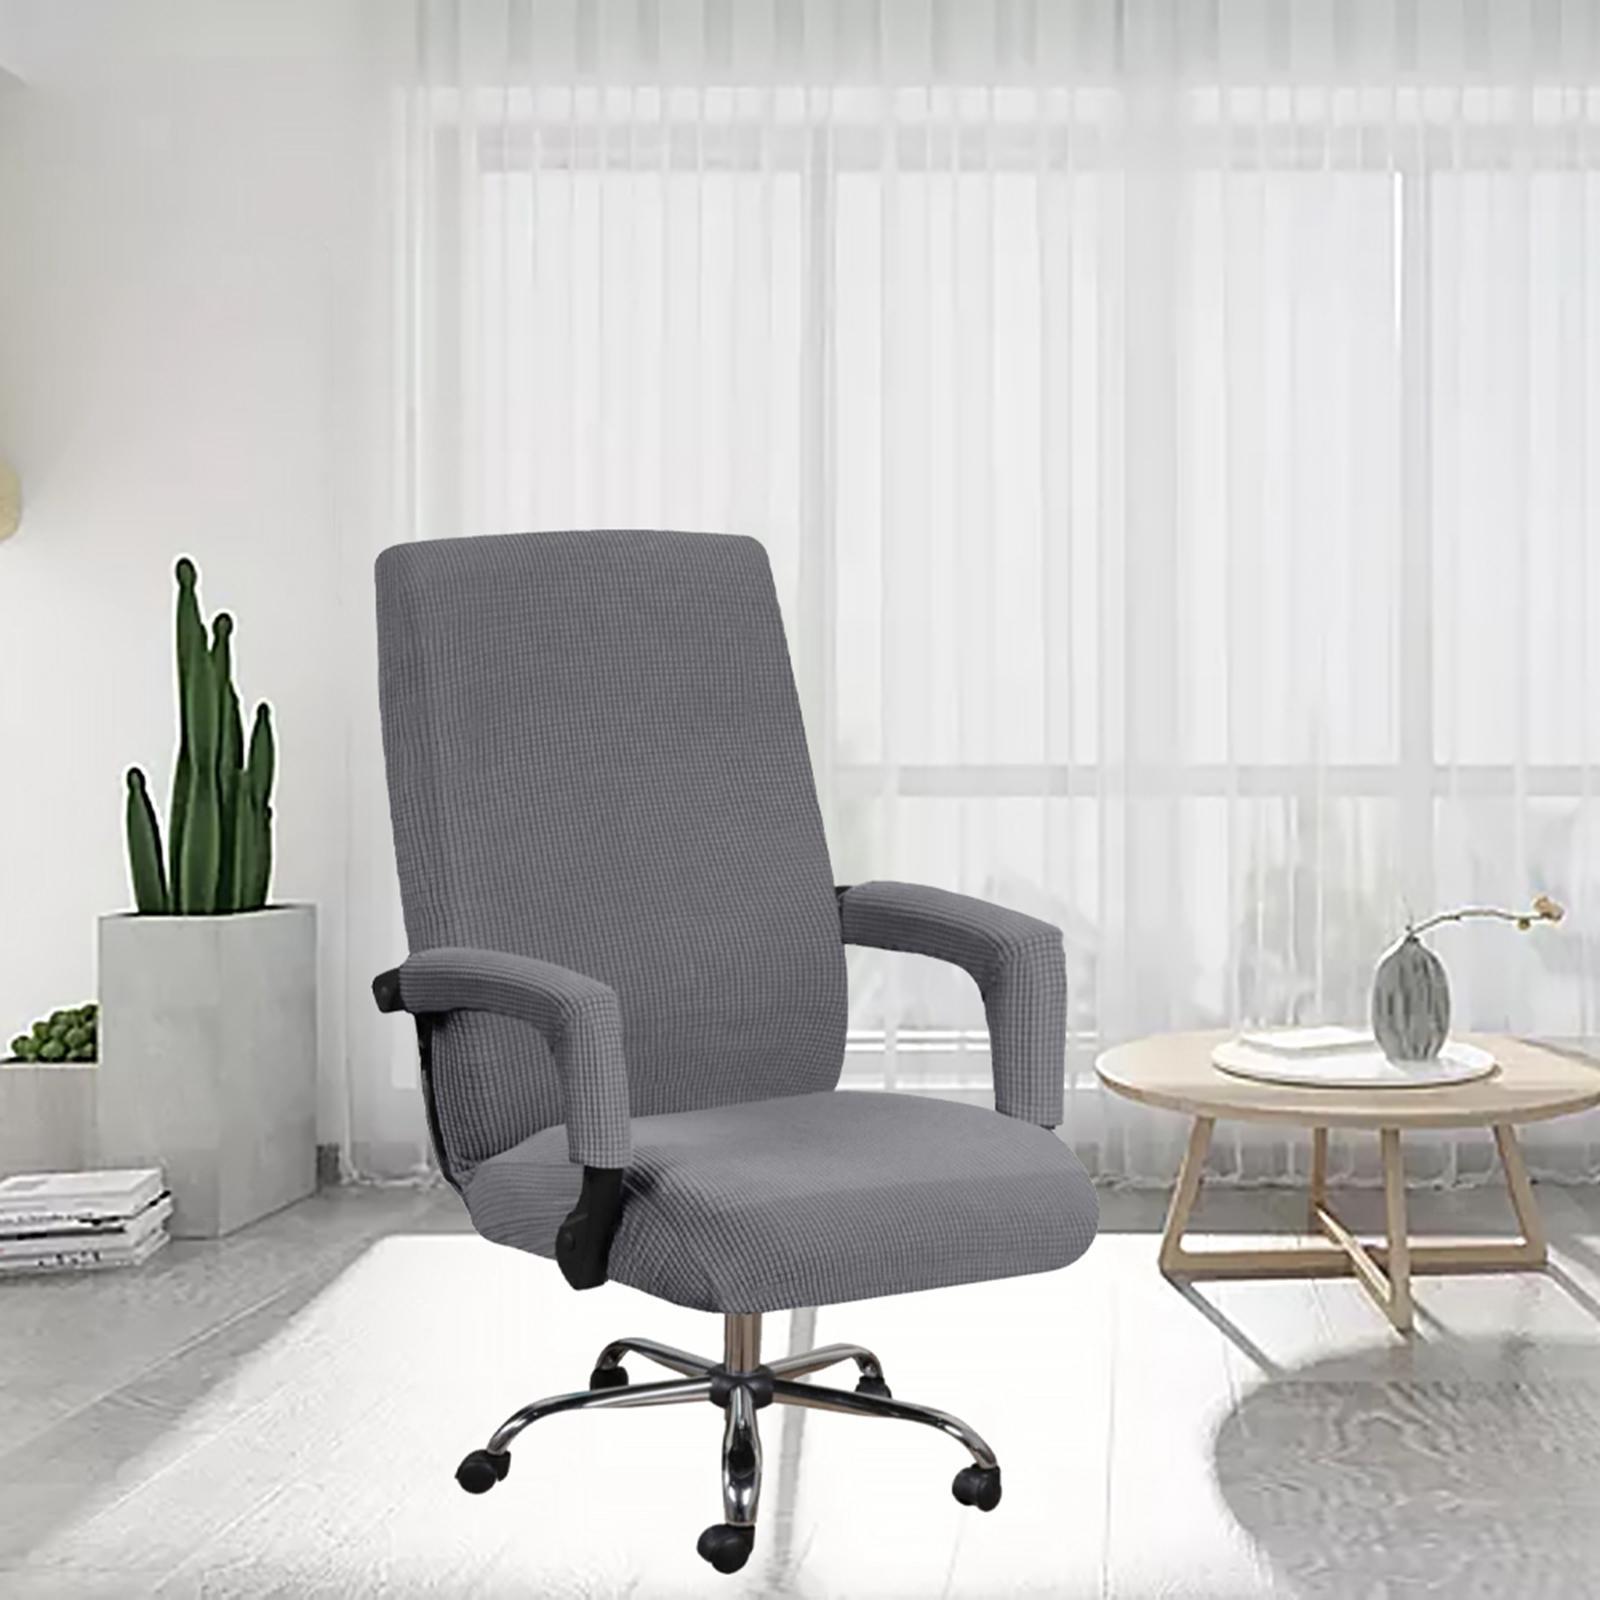 miniature 16 - Housses de chaise de bureau contemporaines à dossier haut et 2 housses de bras